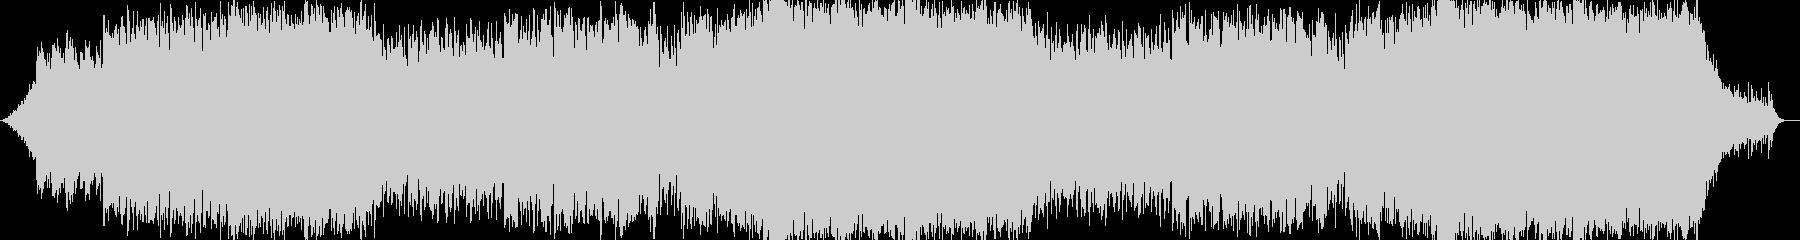 キラキラ系テクノポップの未再生の波形